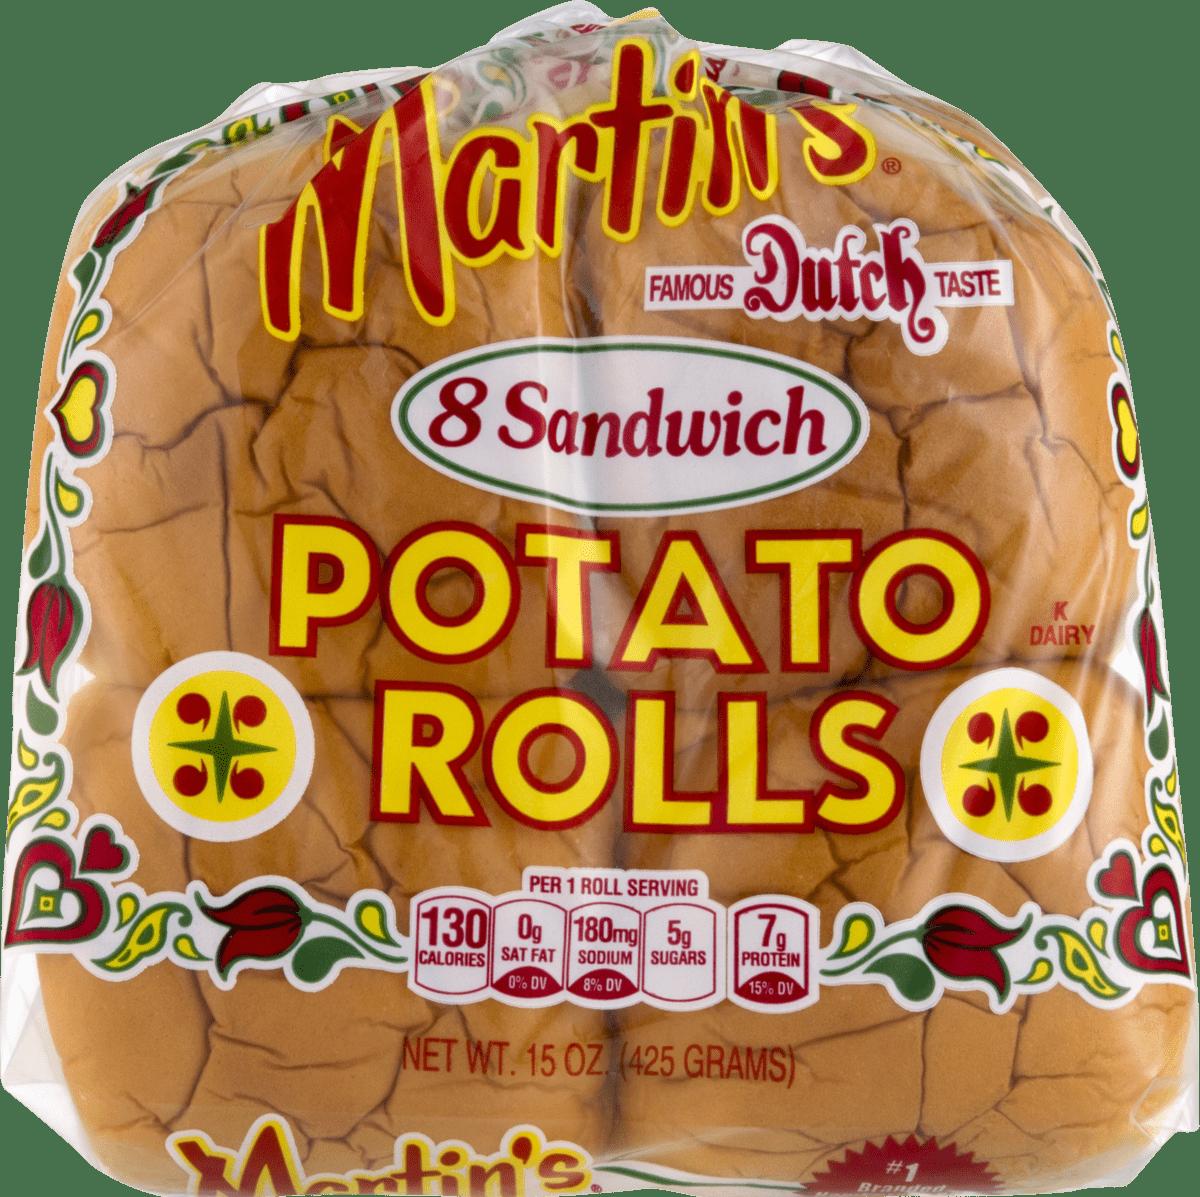 Martin's Potato Sandwich Rolls- 8pk 15 oz (3 bags)